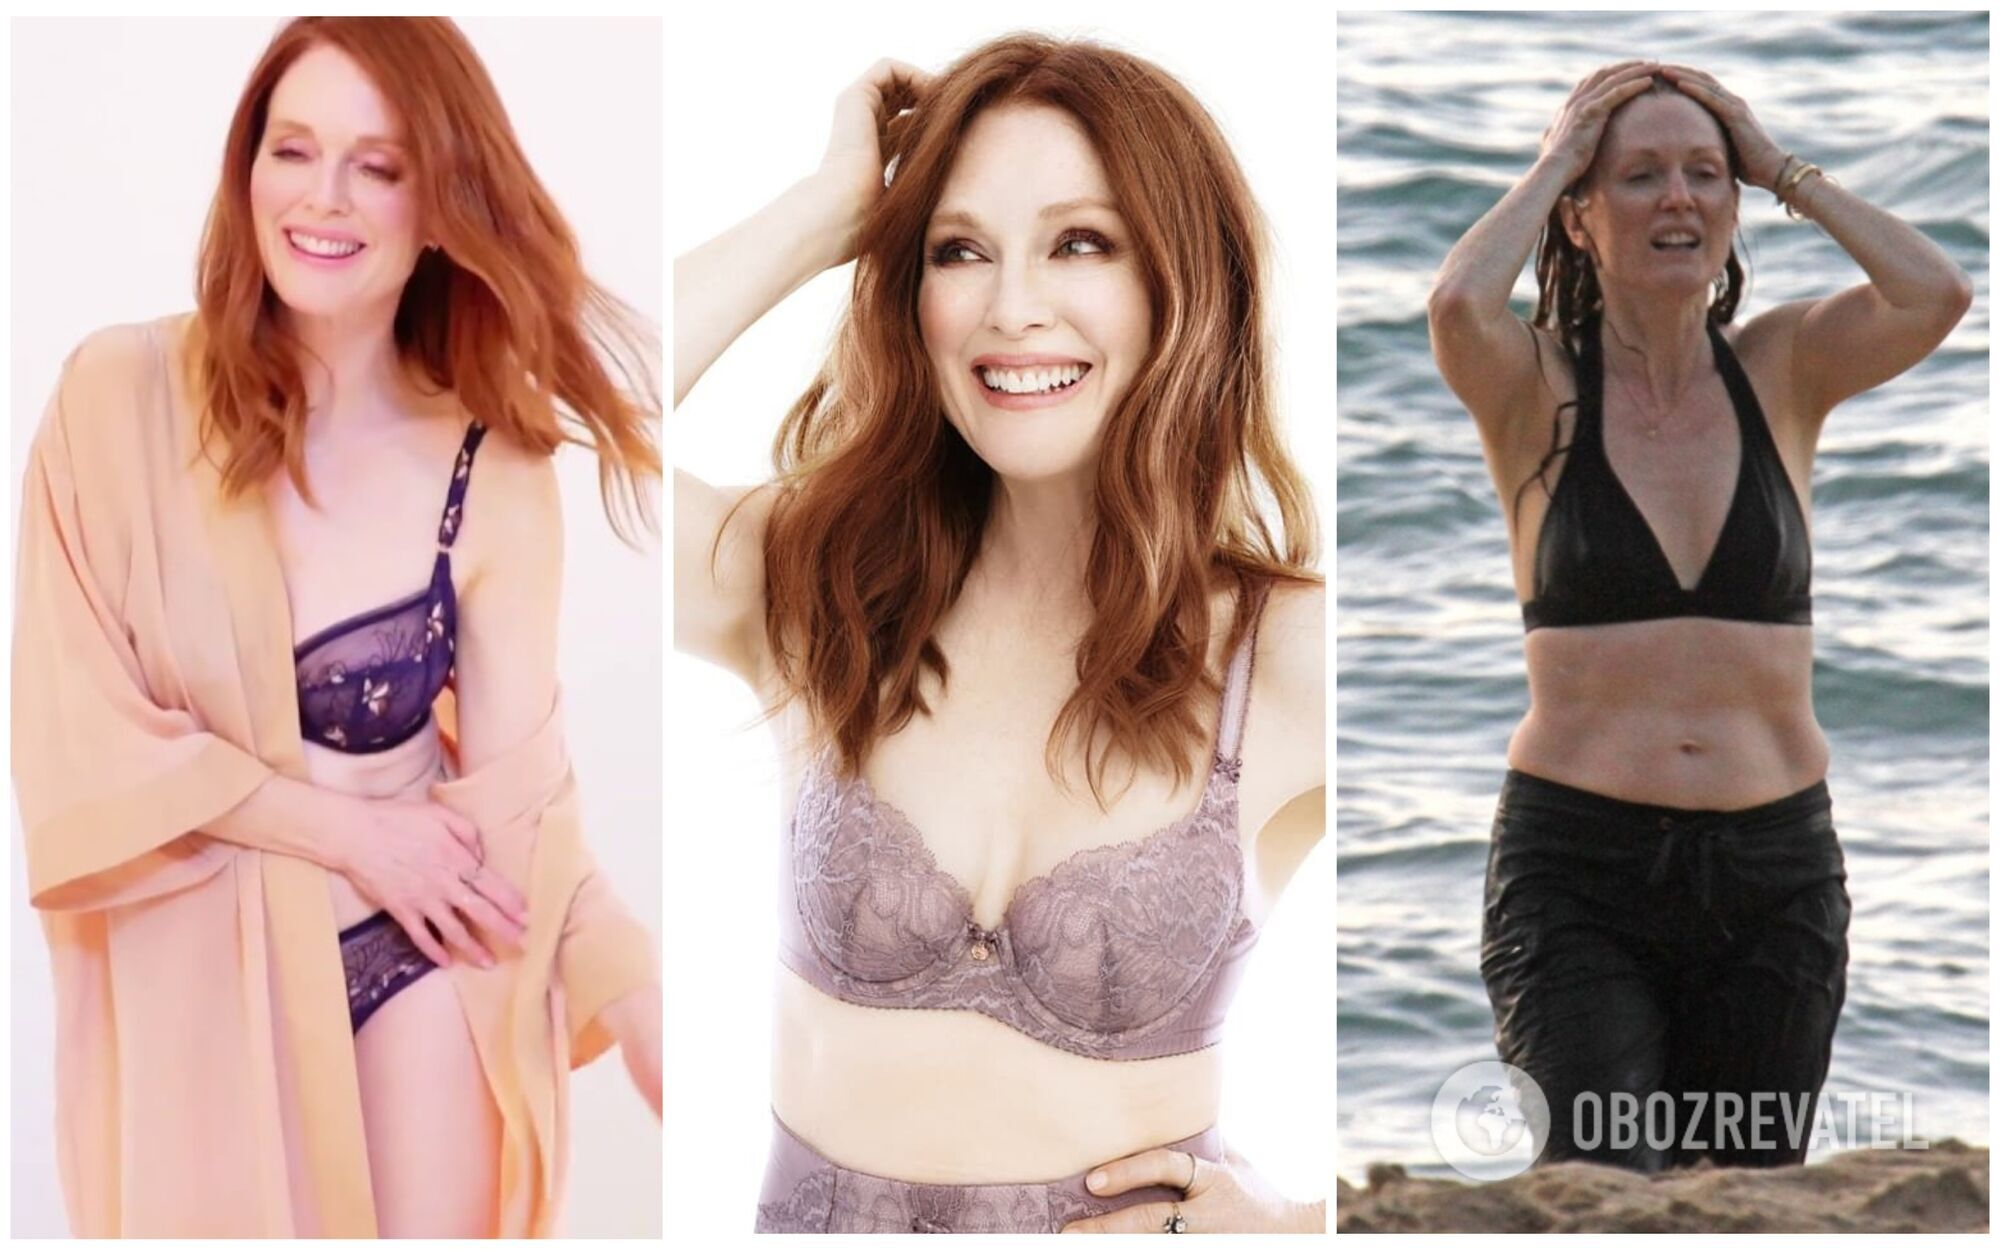 Джуліана Мур обожнює вдягати роздільний купальник і фотографуватися для брендів білизни